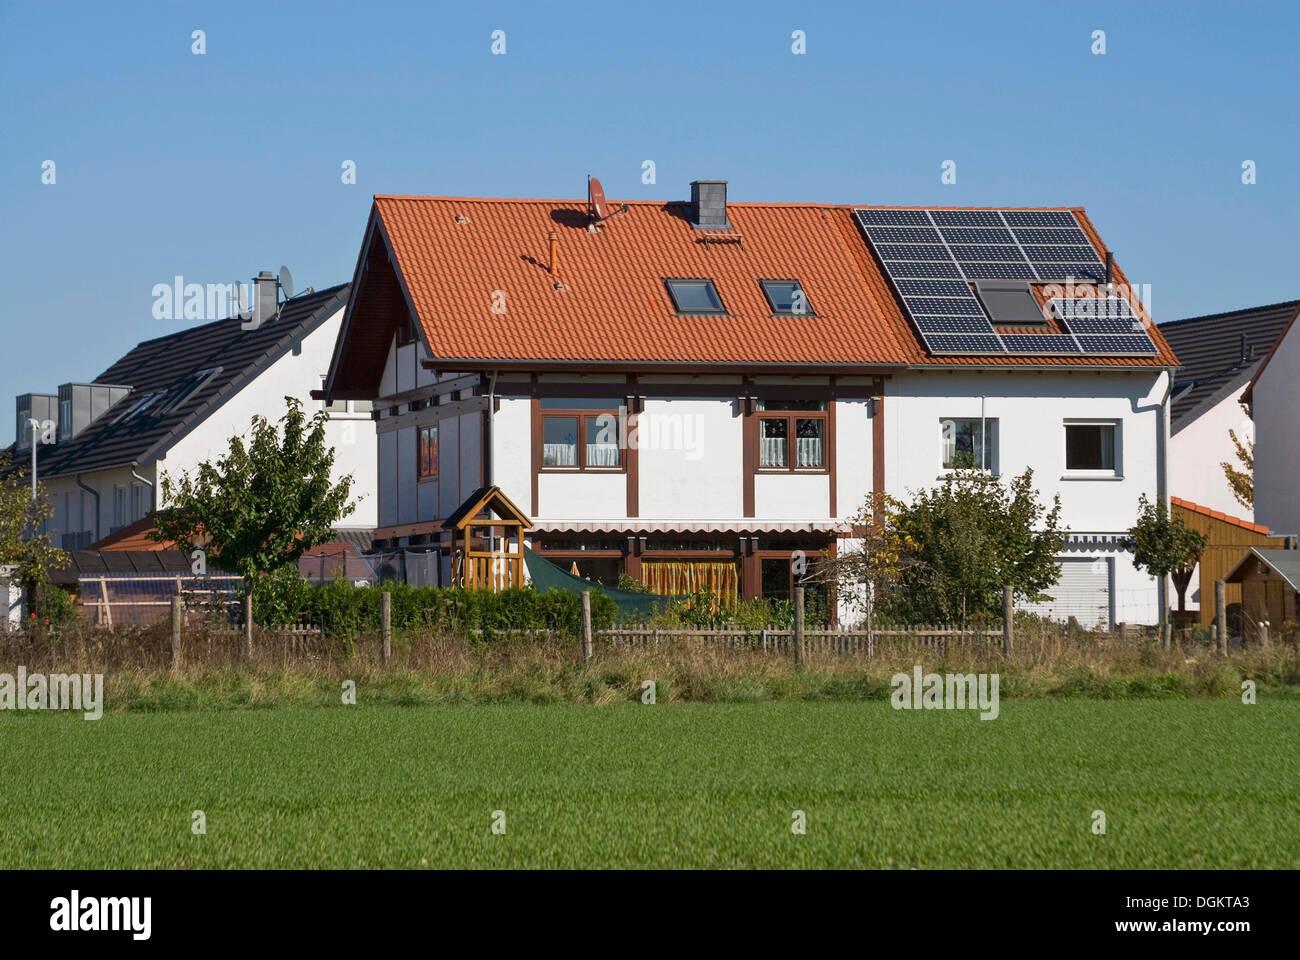 Mehrfamilienhaus in einer Wohnanlage Gehäuse mit Sonnenkollektoren auf dem Dach, PublicGround Stockbild